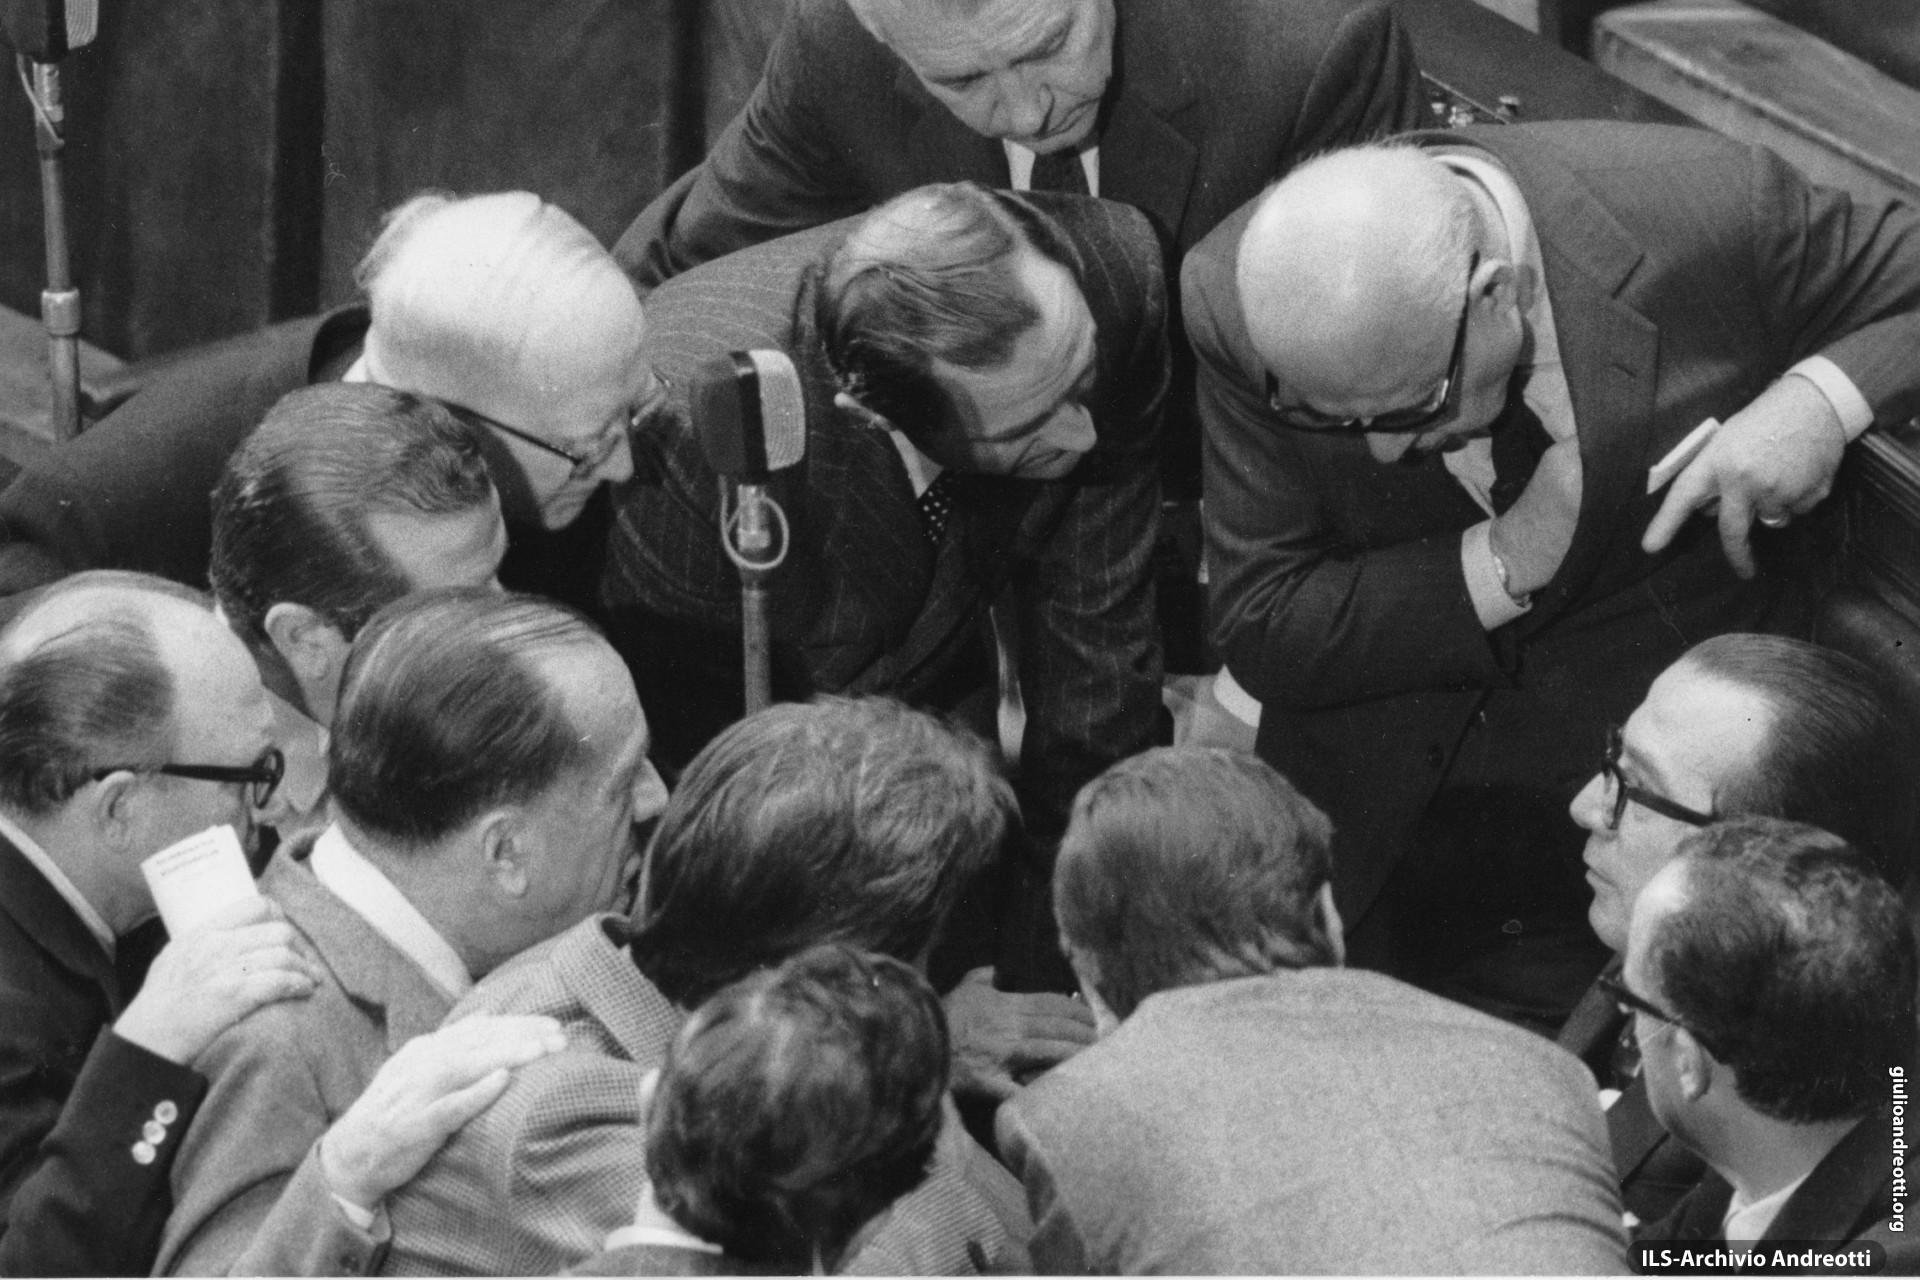 9 dicembre 1971. Nell'aula di Montecitorio i deputati democristiani si affollano intorno al capogruppo Andreotti per la votazione che proclamerà Giovanni Leone Presidente della Repubblica.